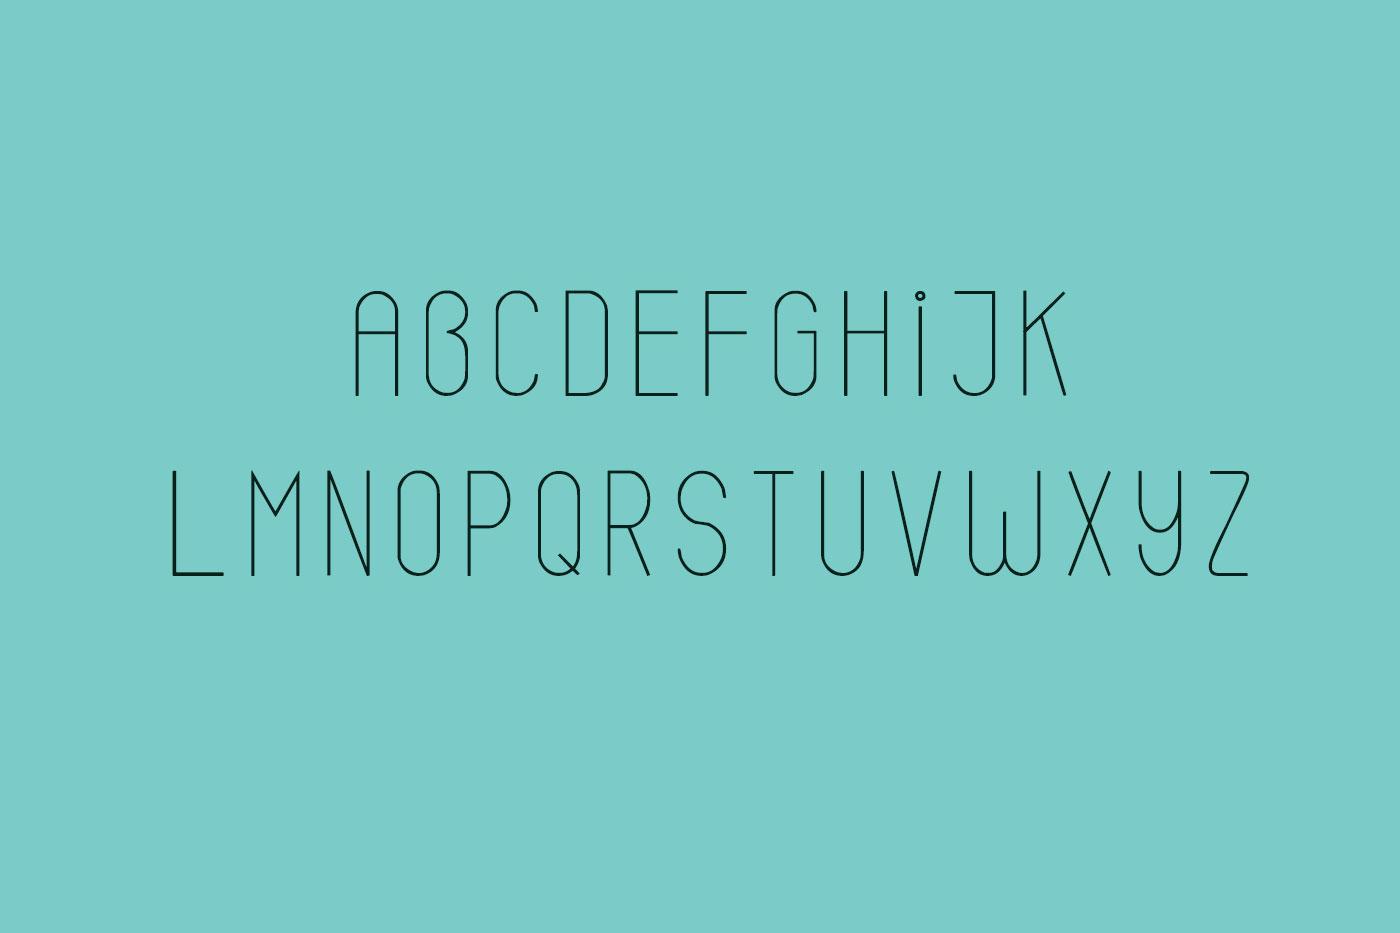 Emery sans serif typeface example image 3